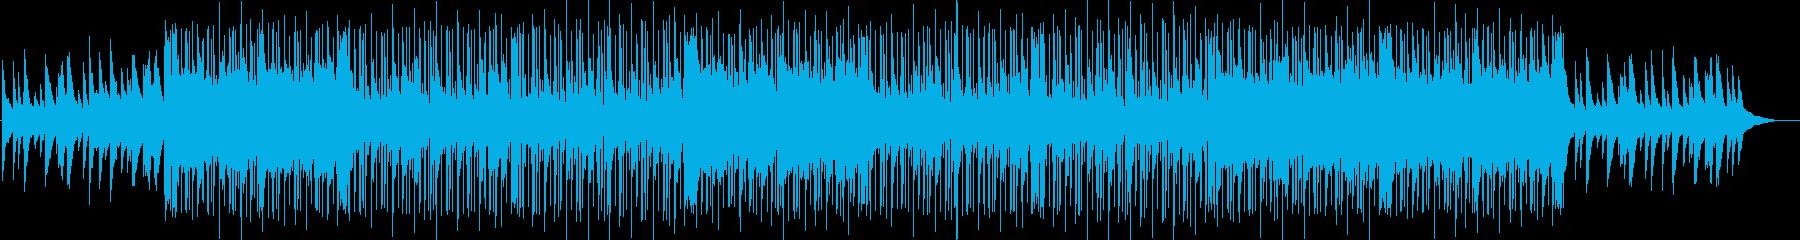 切ないピアノメインのチルヒップホップの再生済みの波形